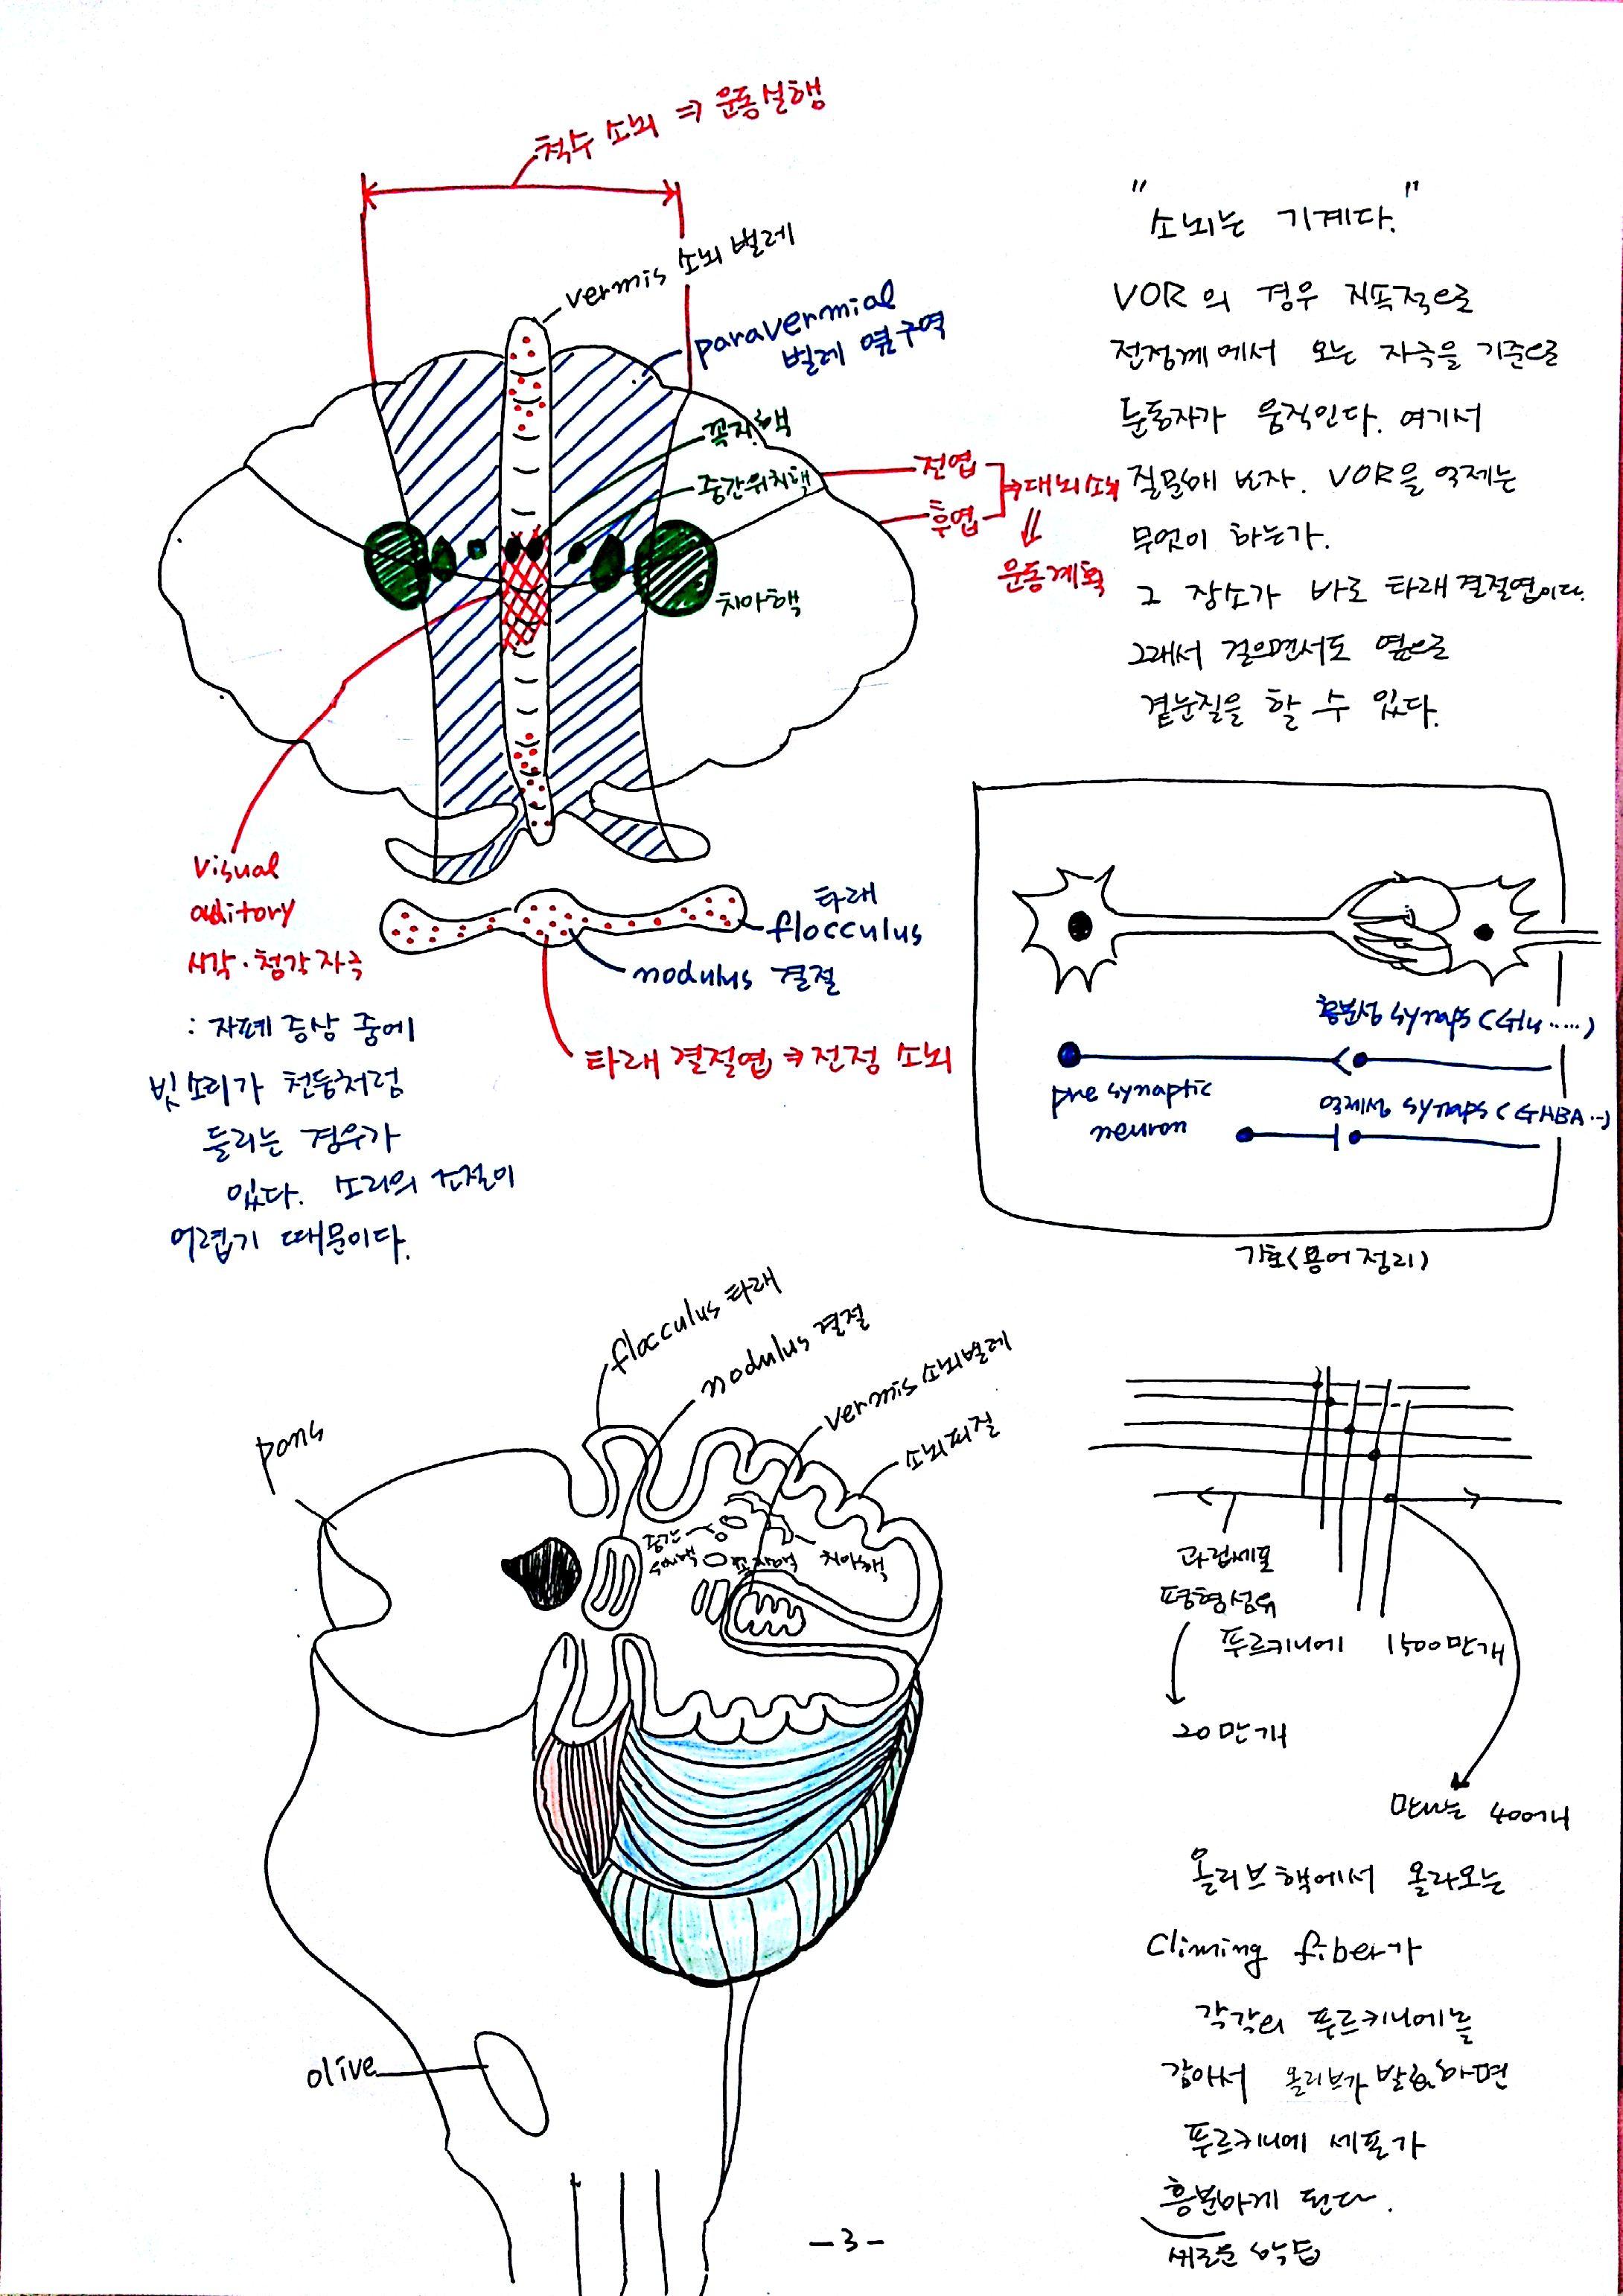 03-2012-10-15_12-54-31_791.jpg